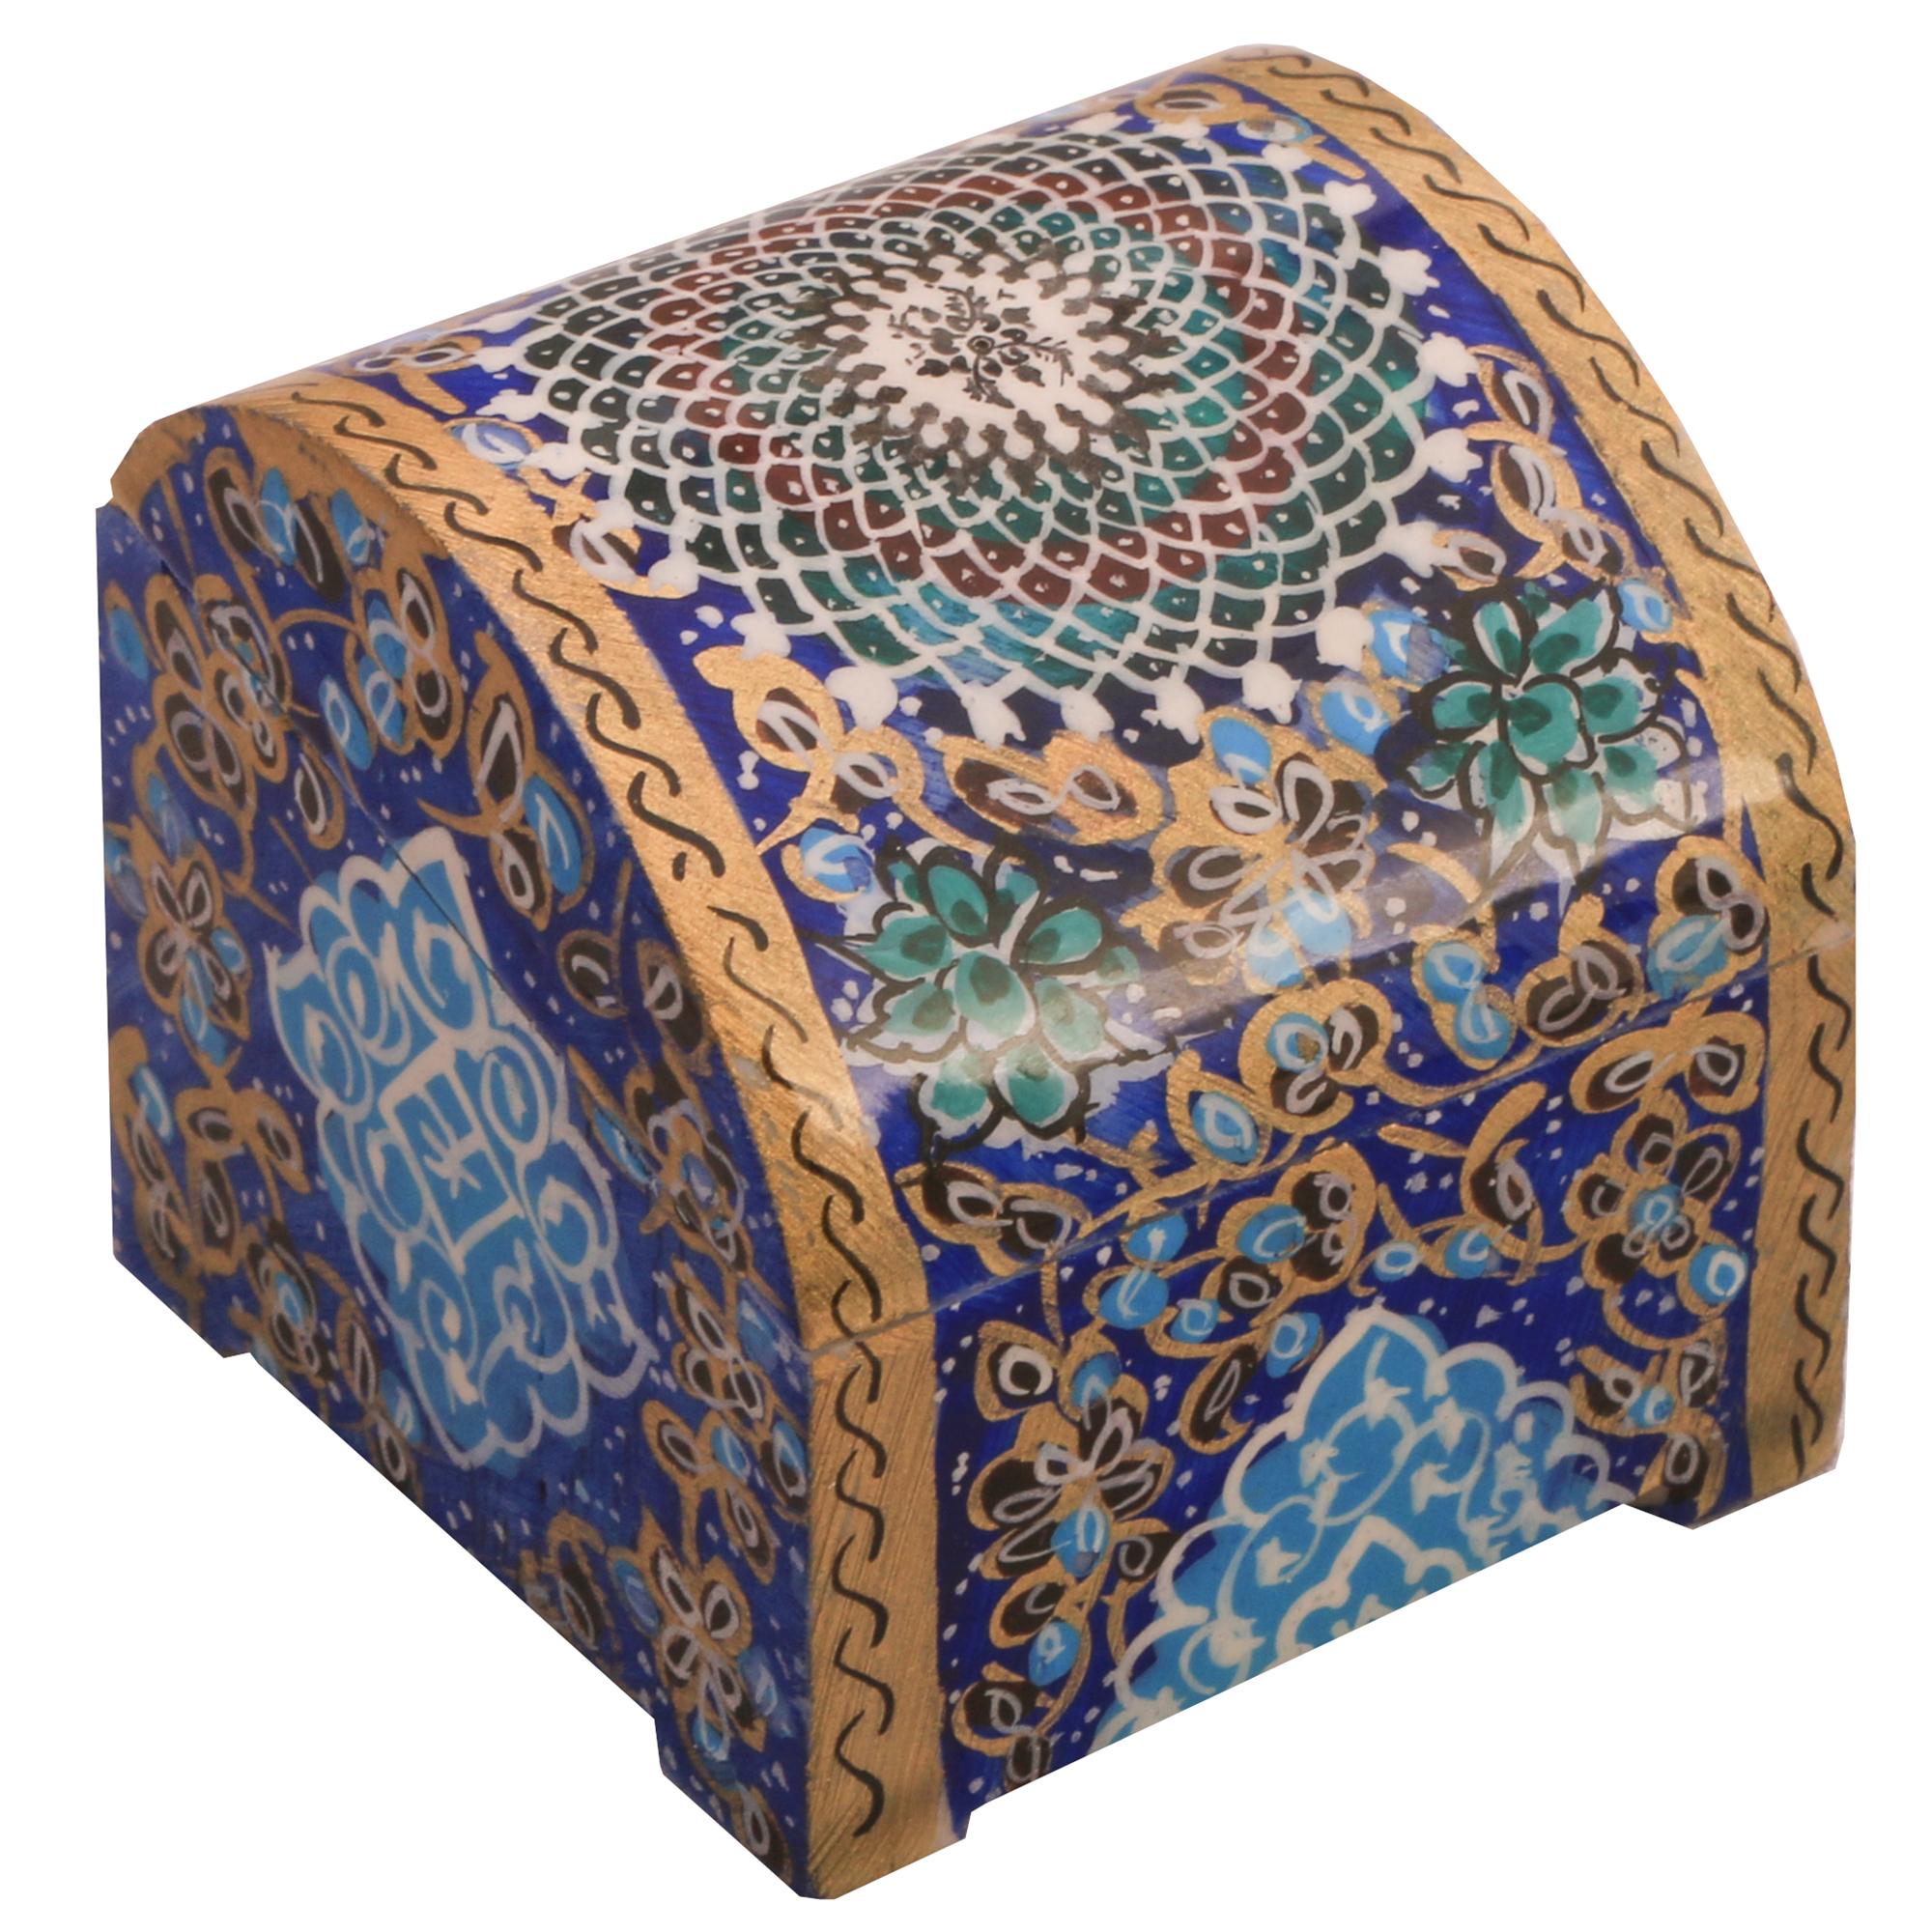 جعبه جواهرات استخوانی کد 1090